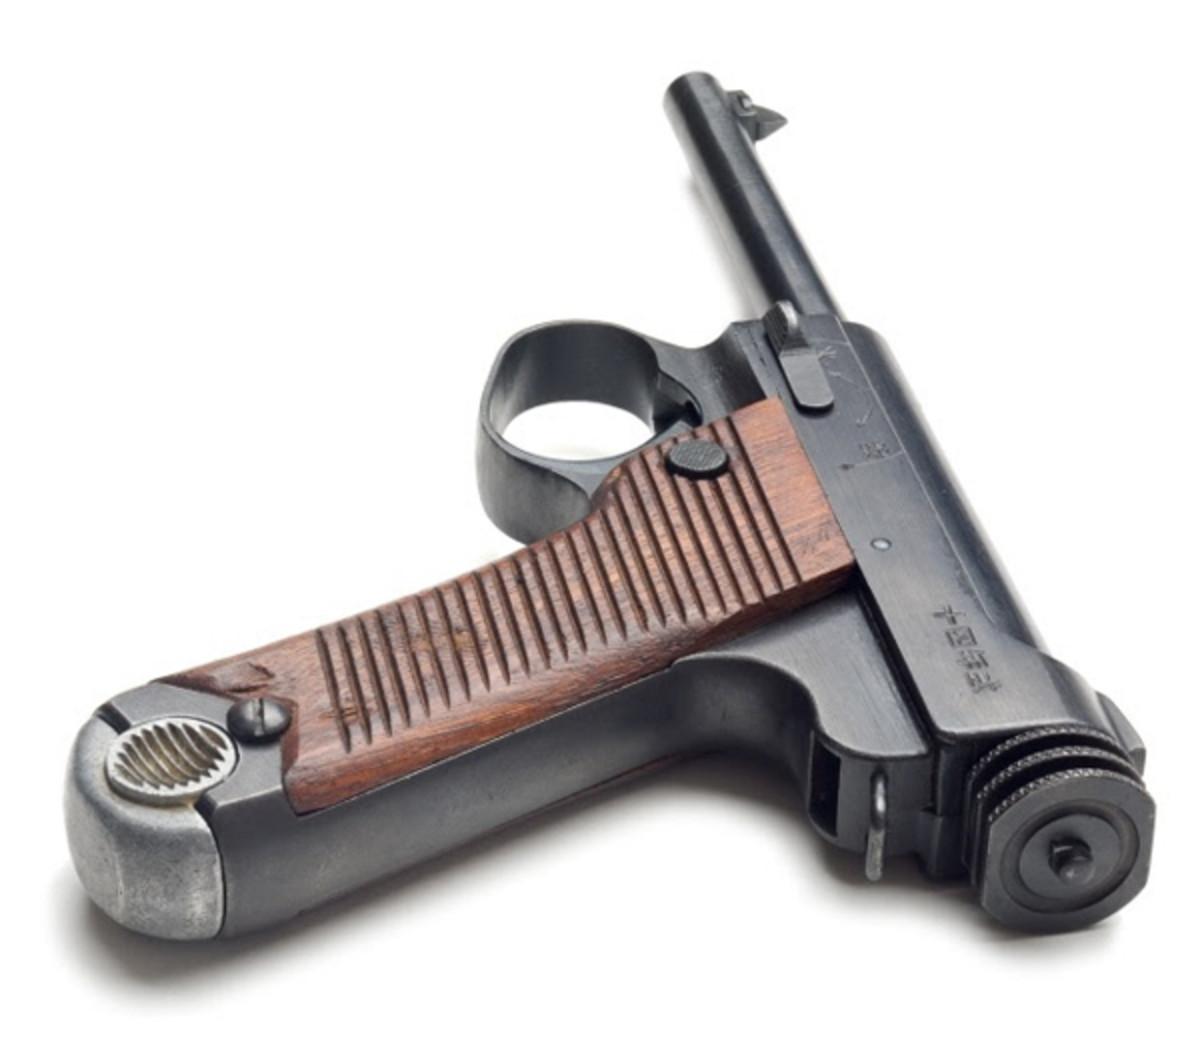 image of Nambu courtesy of Wikipedia and image of Nambu Type 14 pistol courtesy of Oleg Volk